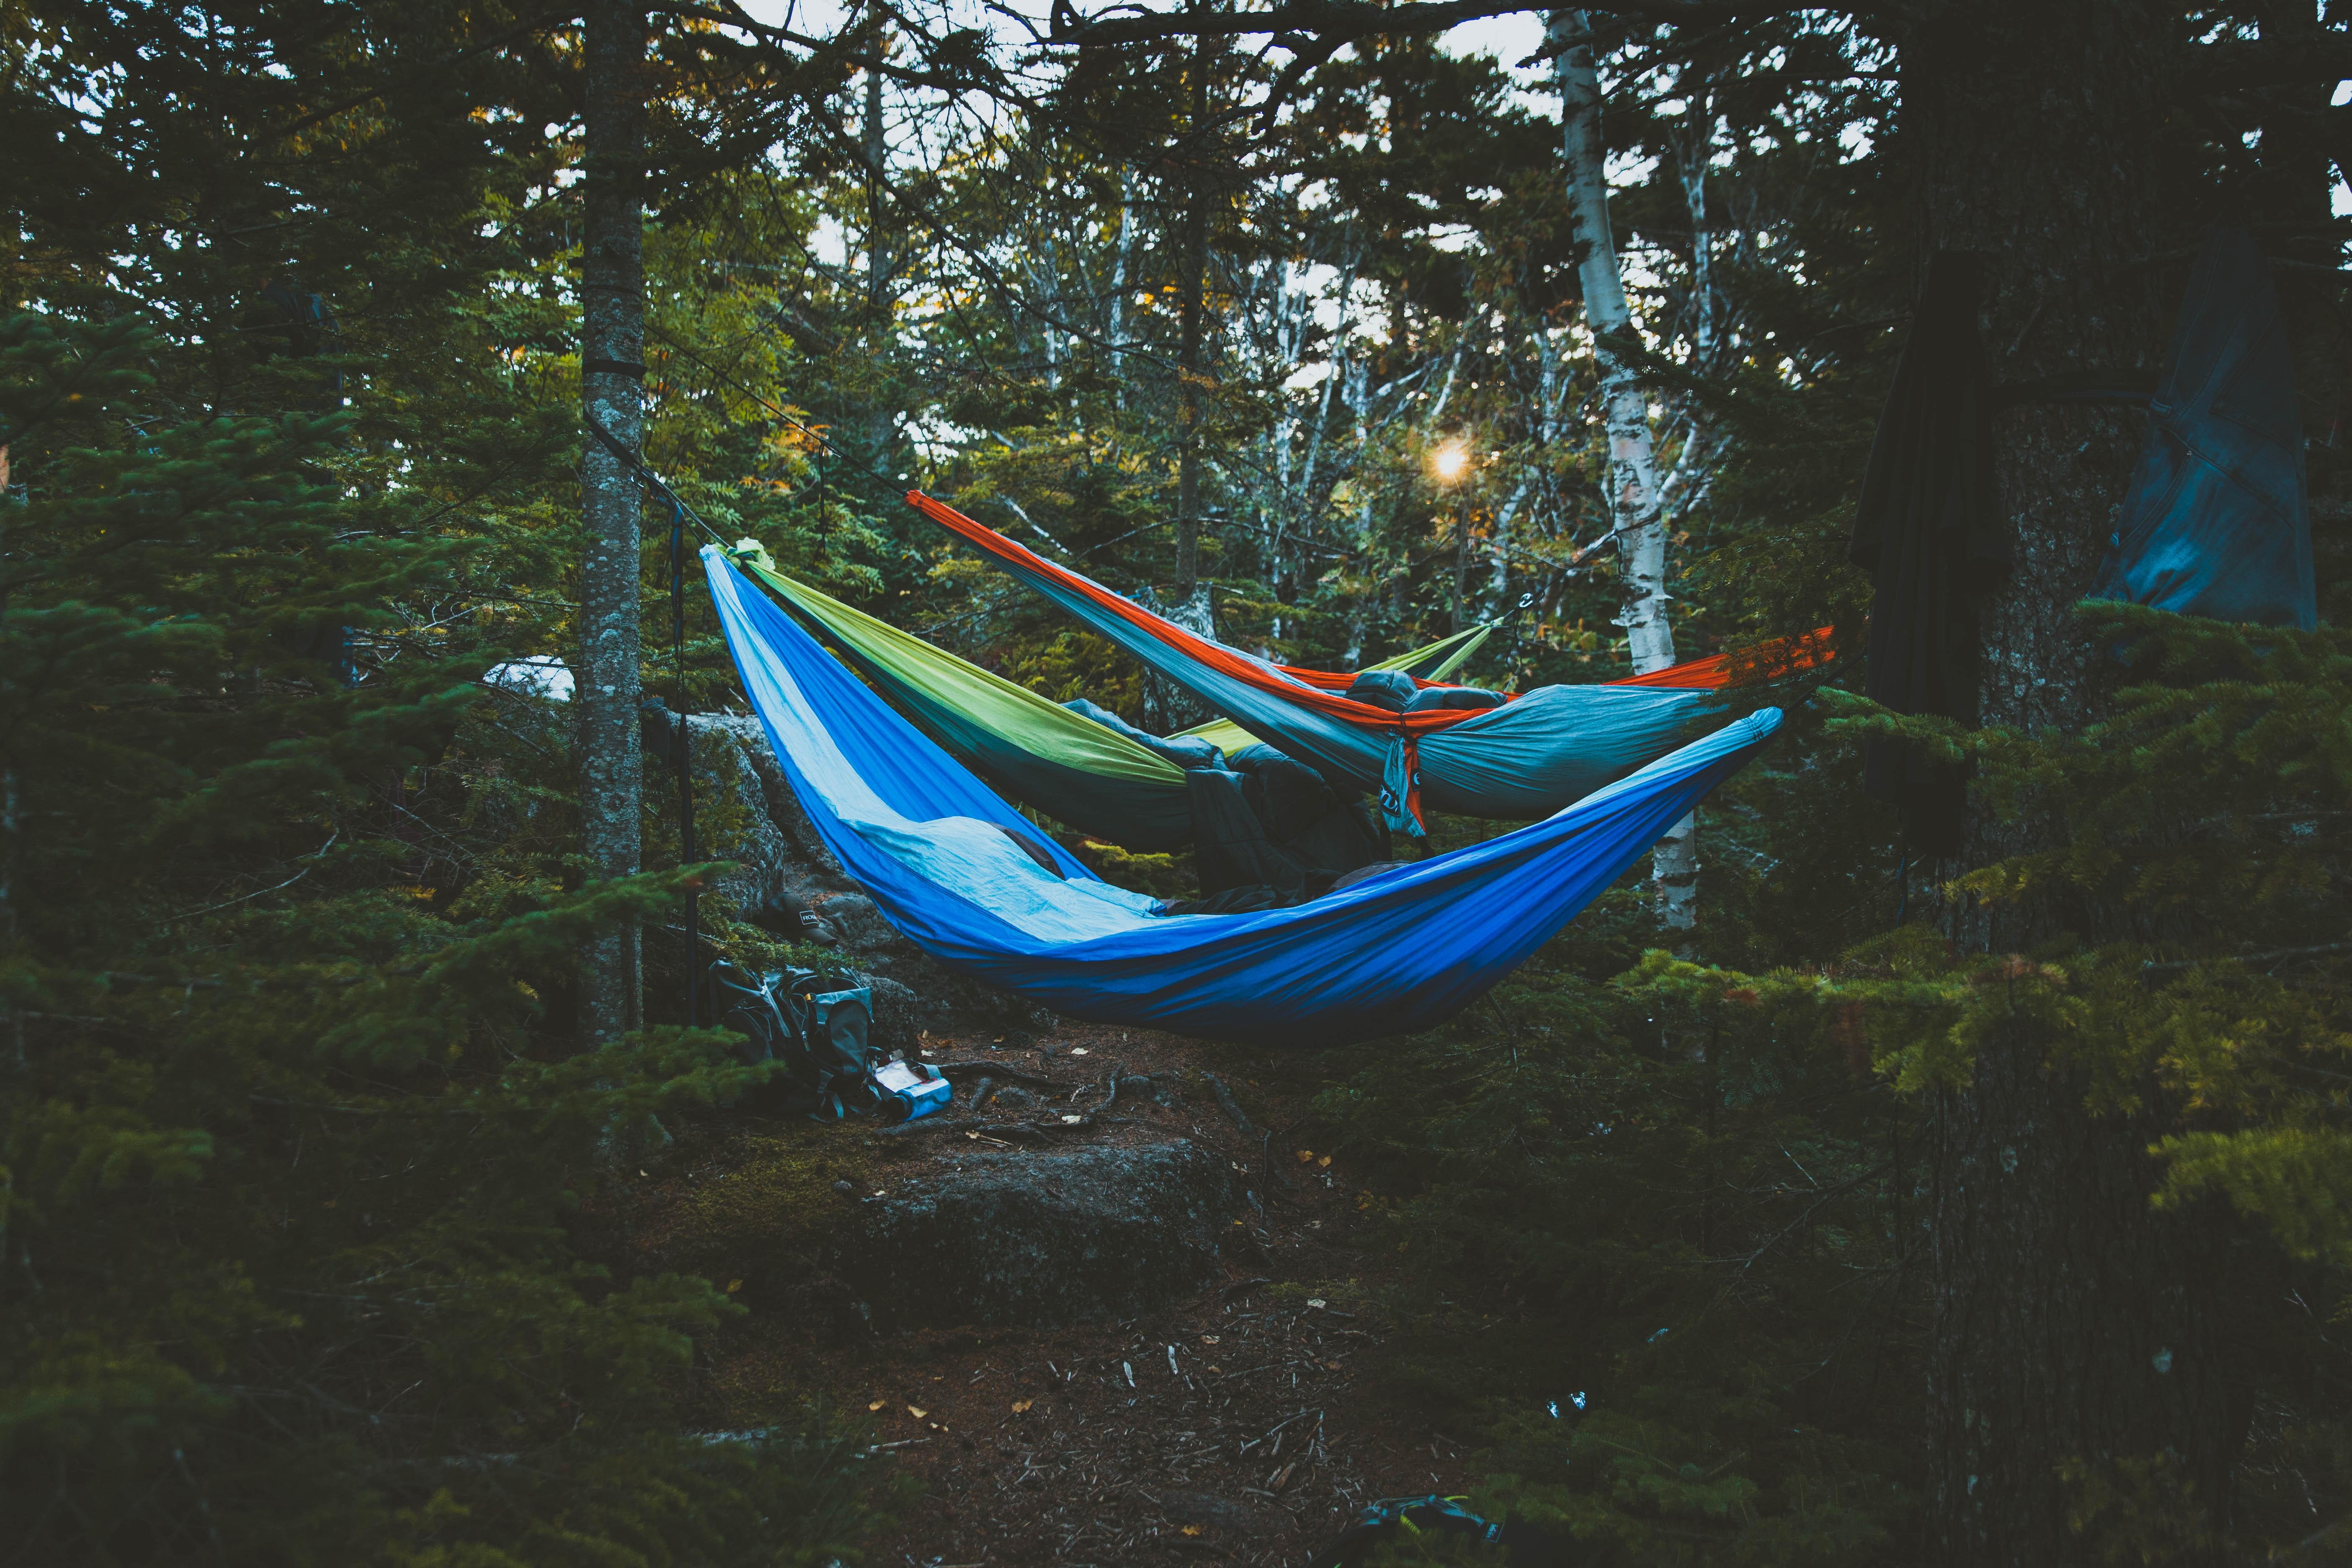 Campers sleeping in hammocks in the woods